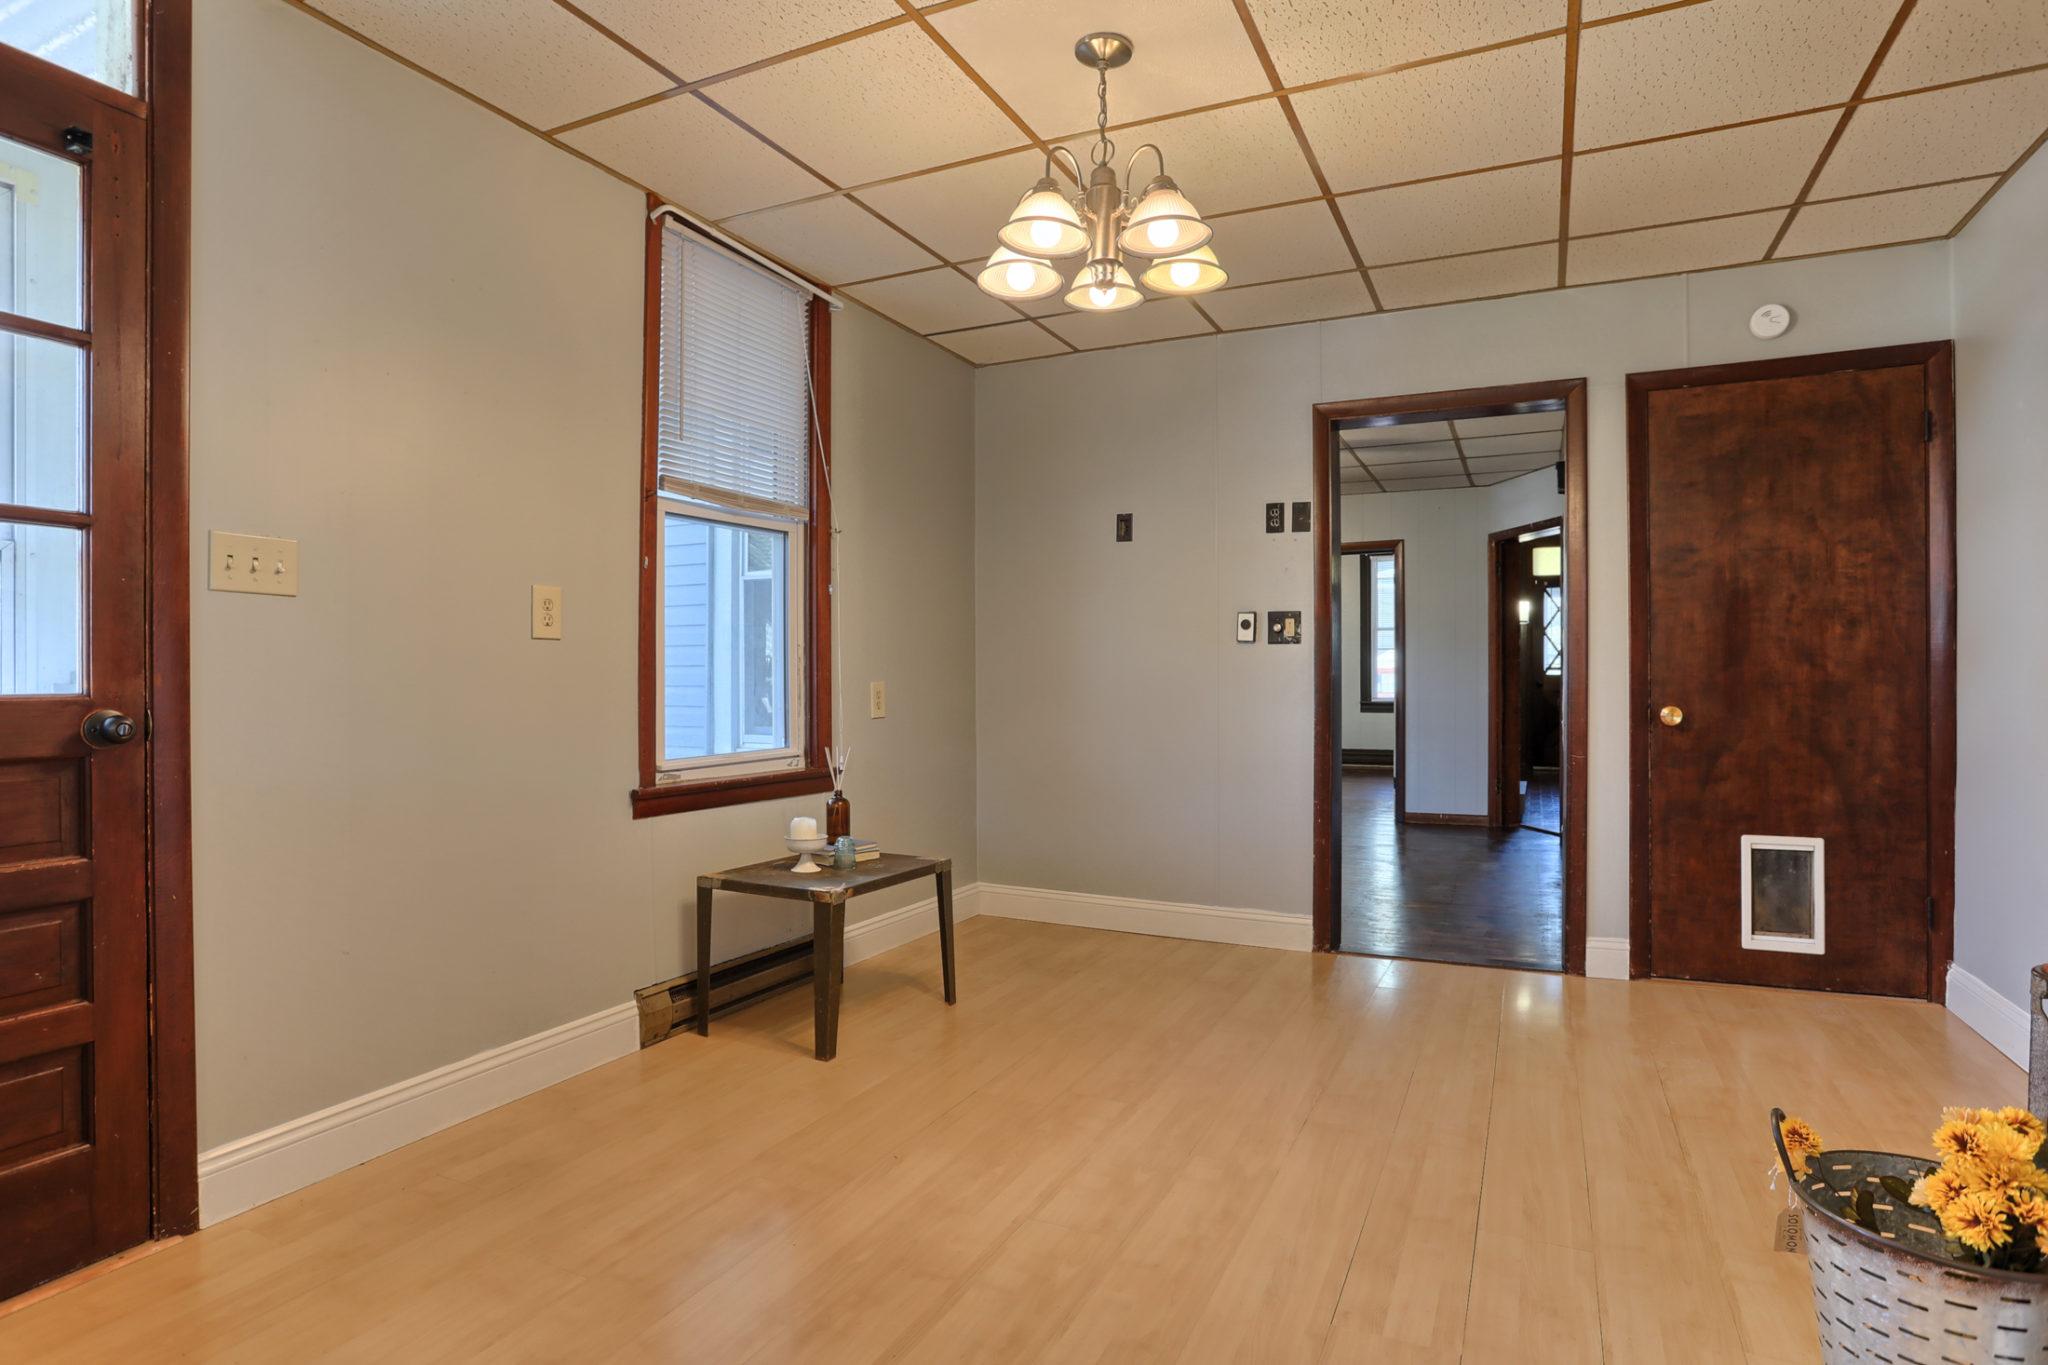 12 E. Maple Avenue - Kitchen/Dining Area 3